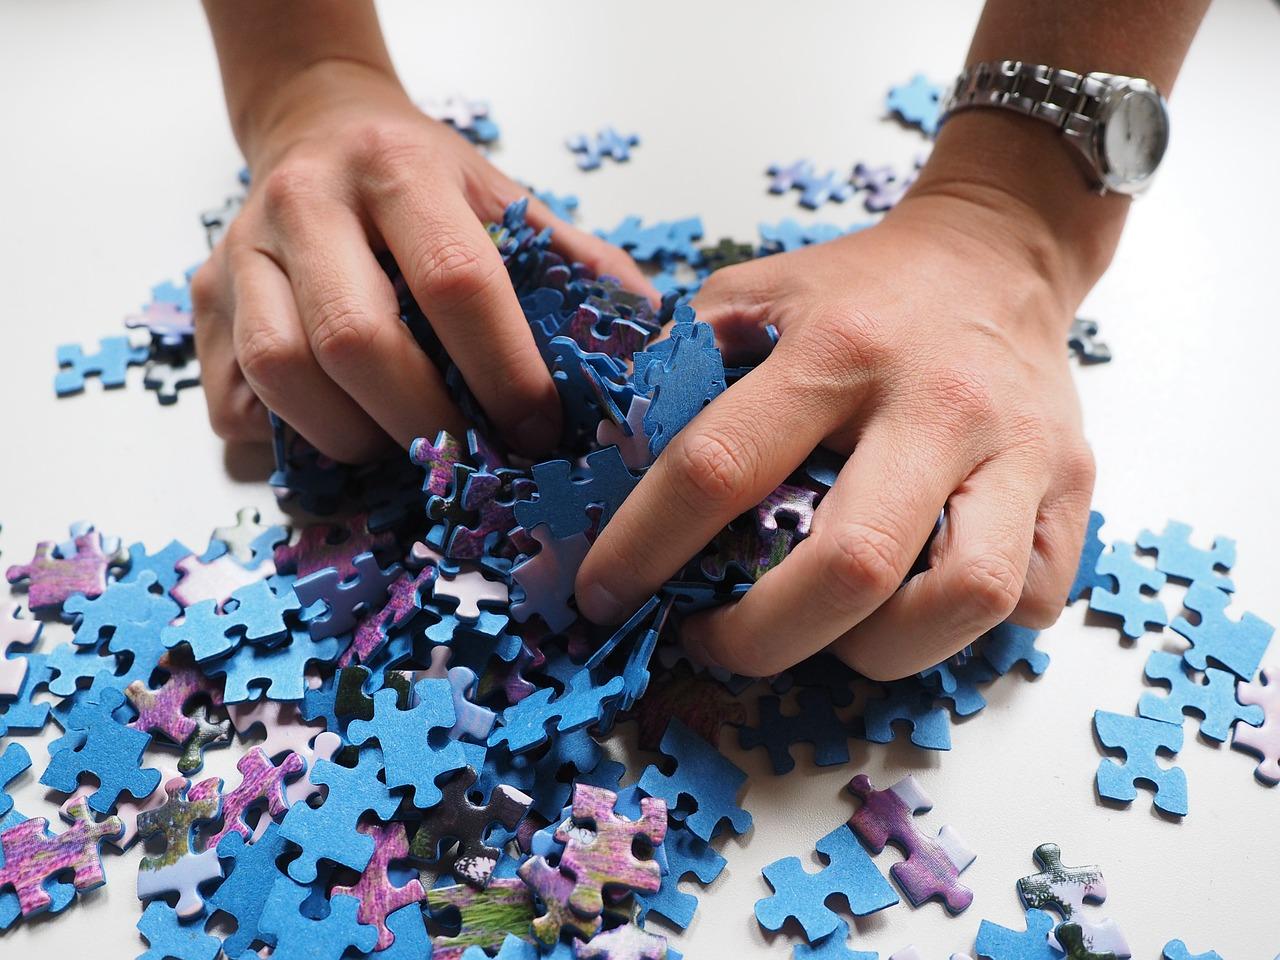 la terapia individual realizada con un psicologo clinico en psicologodemadrid.org te ayudara a completar tu puzle de tus emociones y a alcanzar tu bienestar